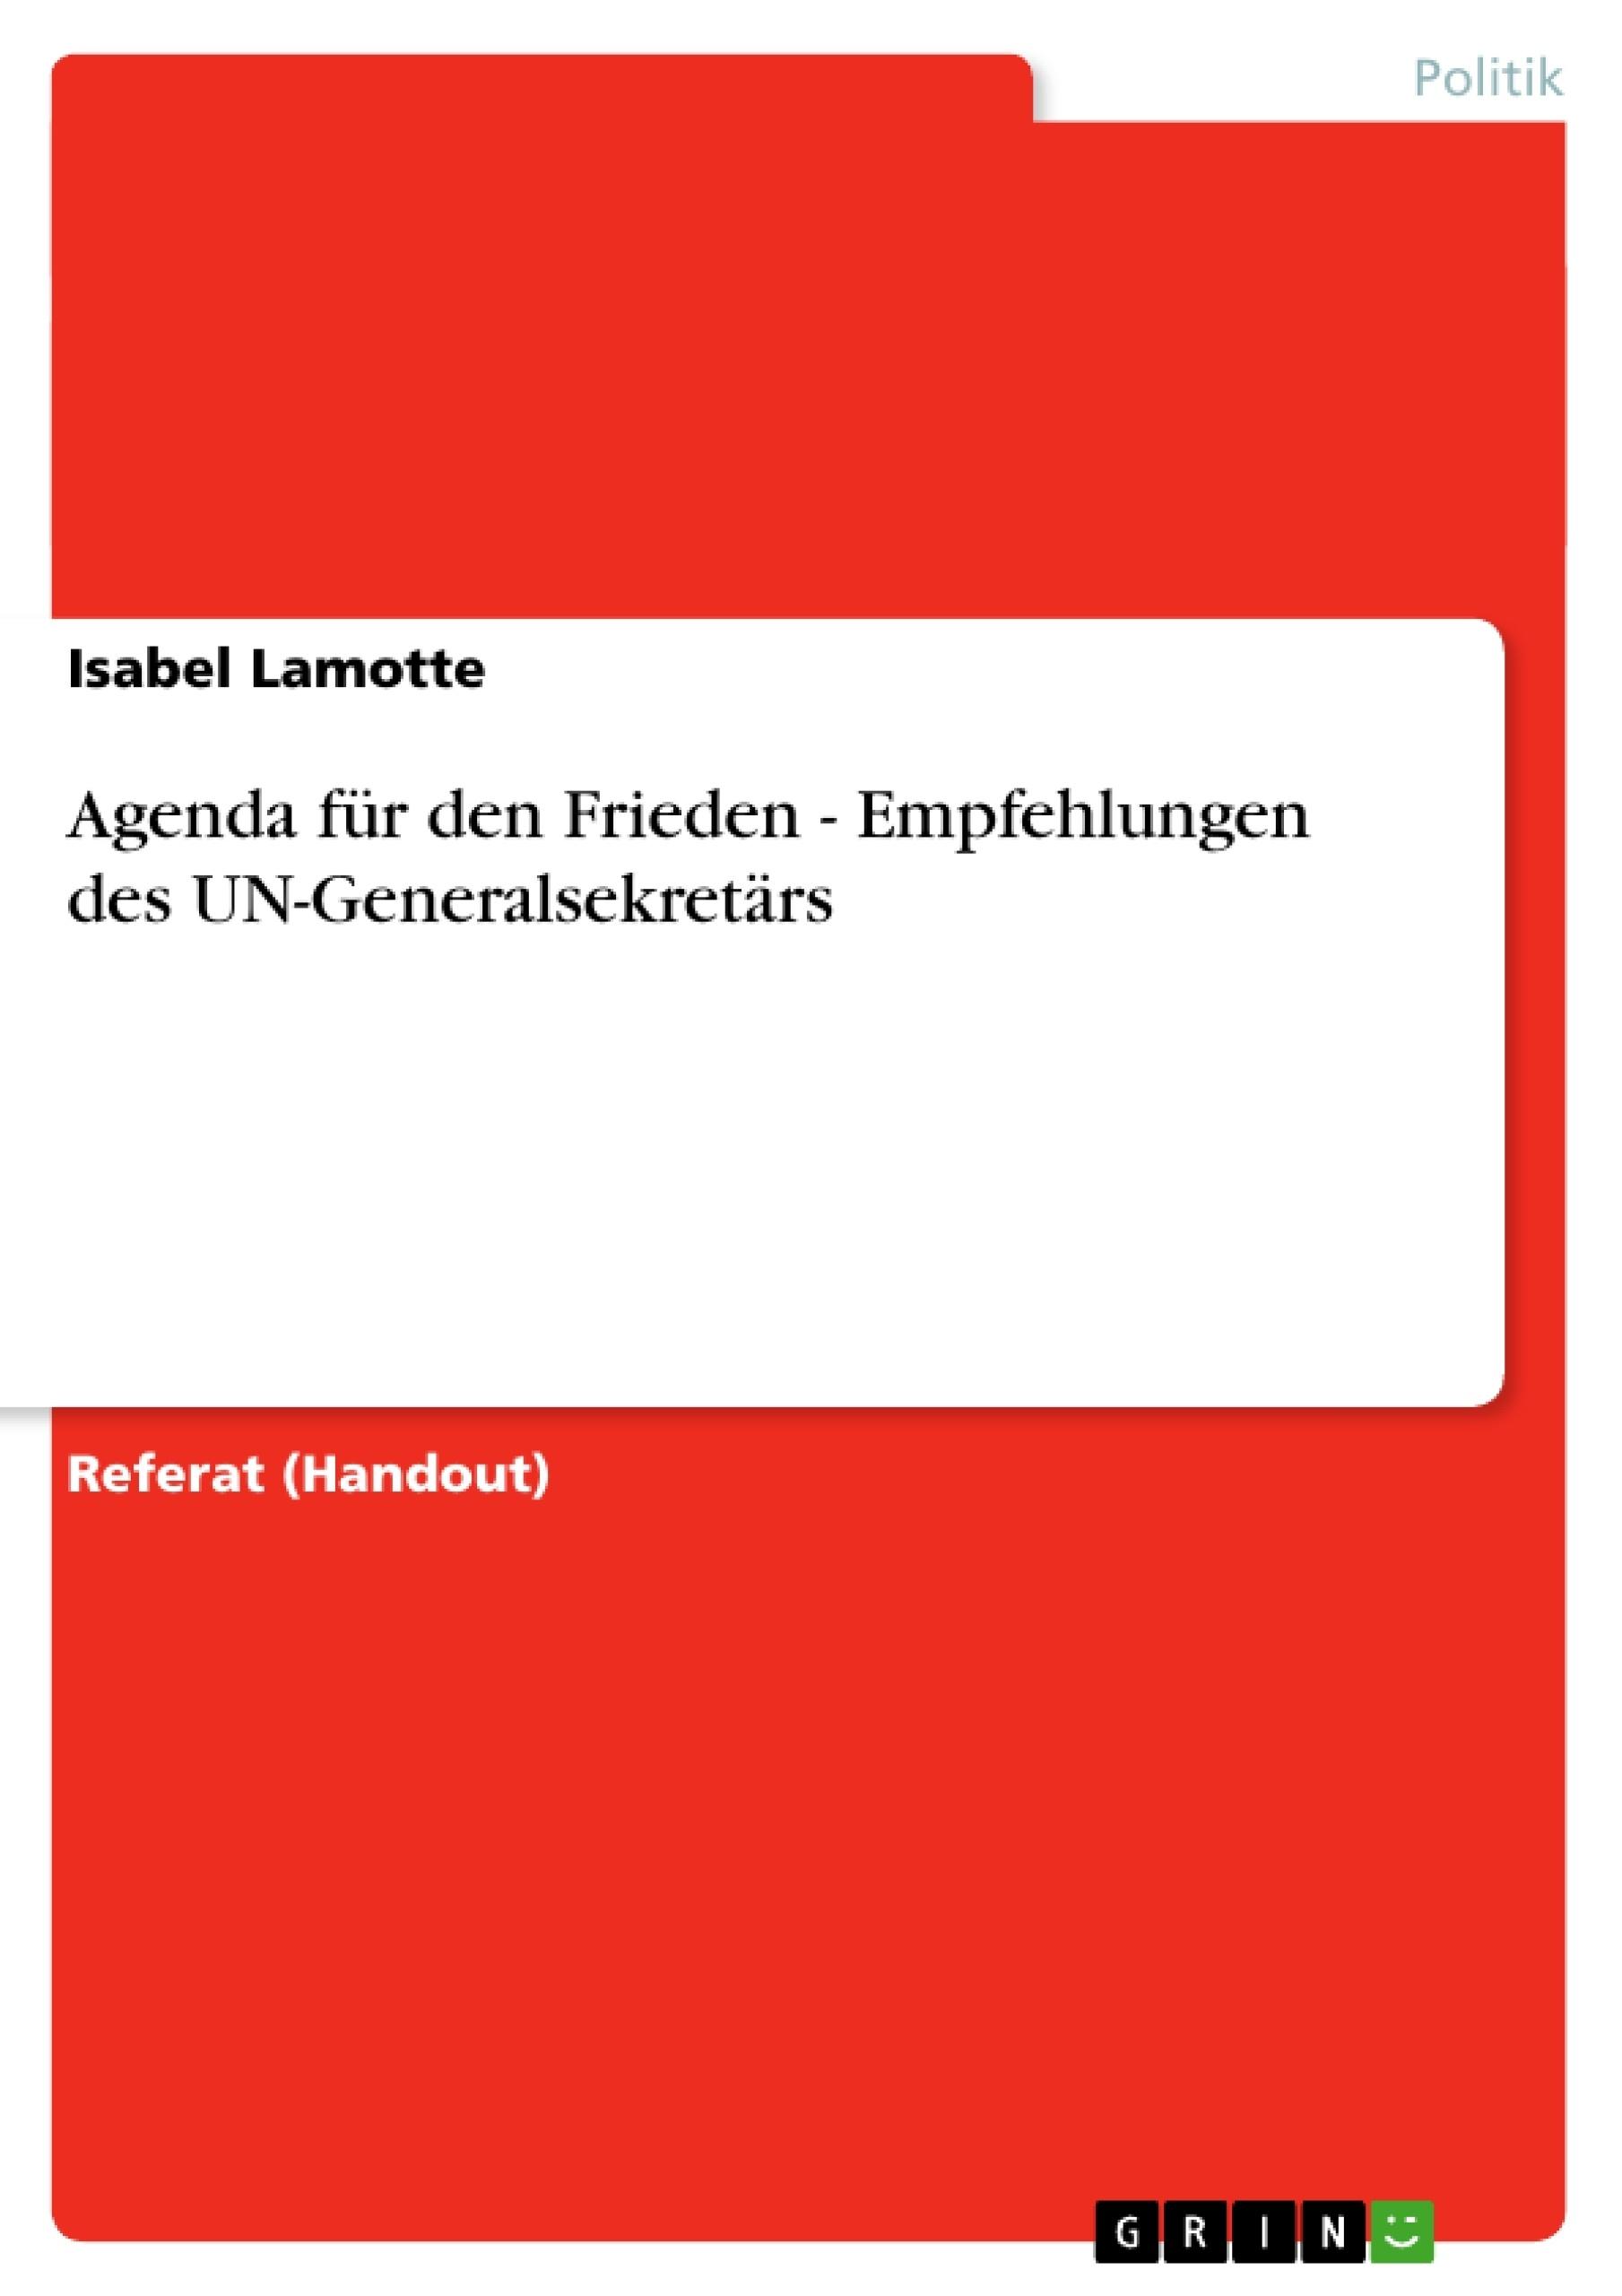 Titel: Agenda für den Frieden - Empfehlungen des UN-Generalsekretärs